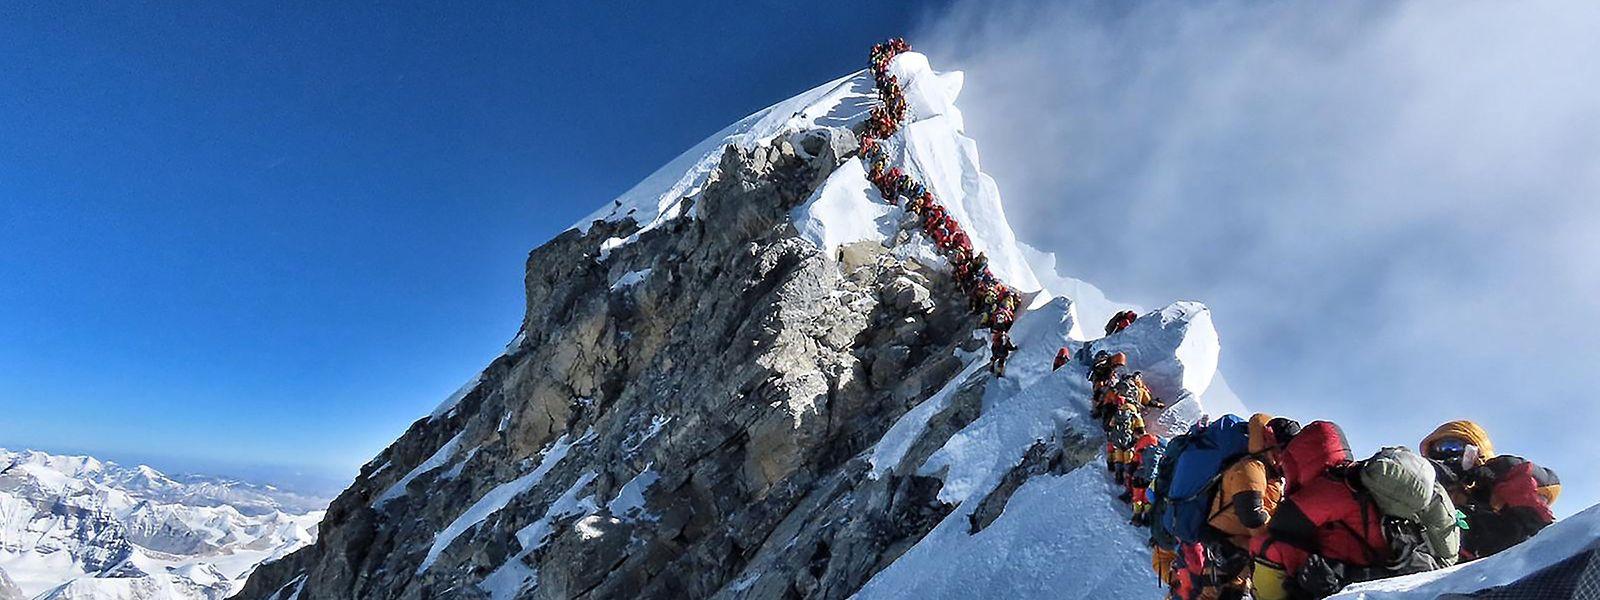 Der Mount Everest wurde seit 1953 von 5000 Menschen bestiegen.